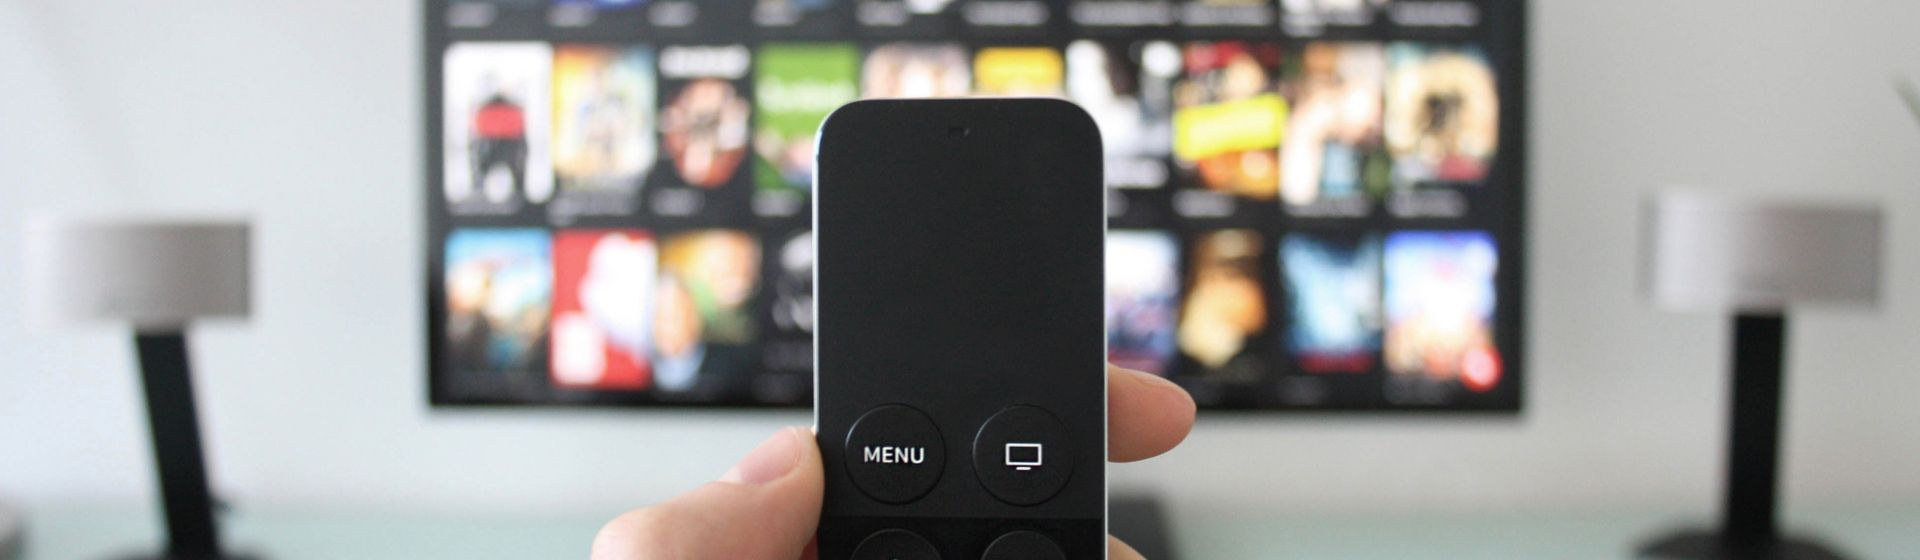 Como atualizar TV box?